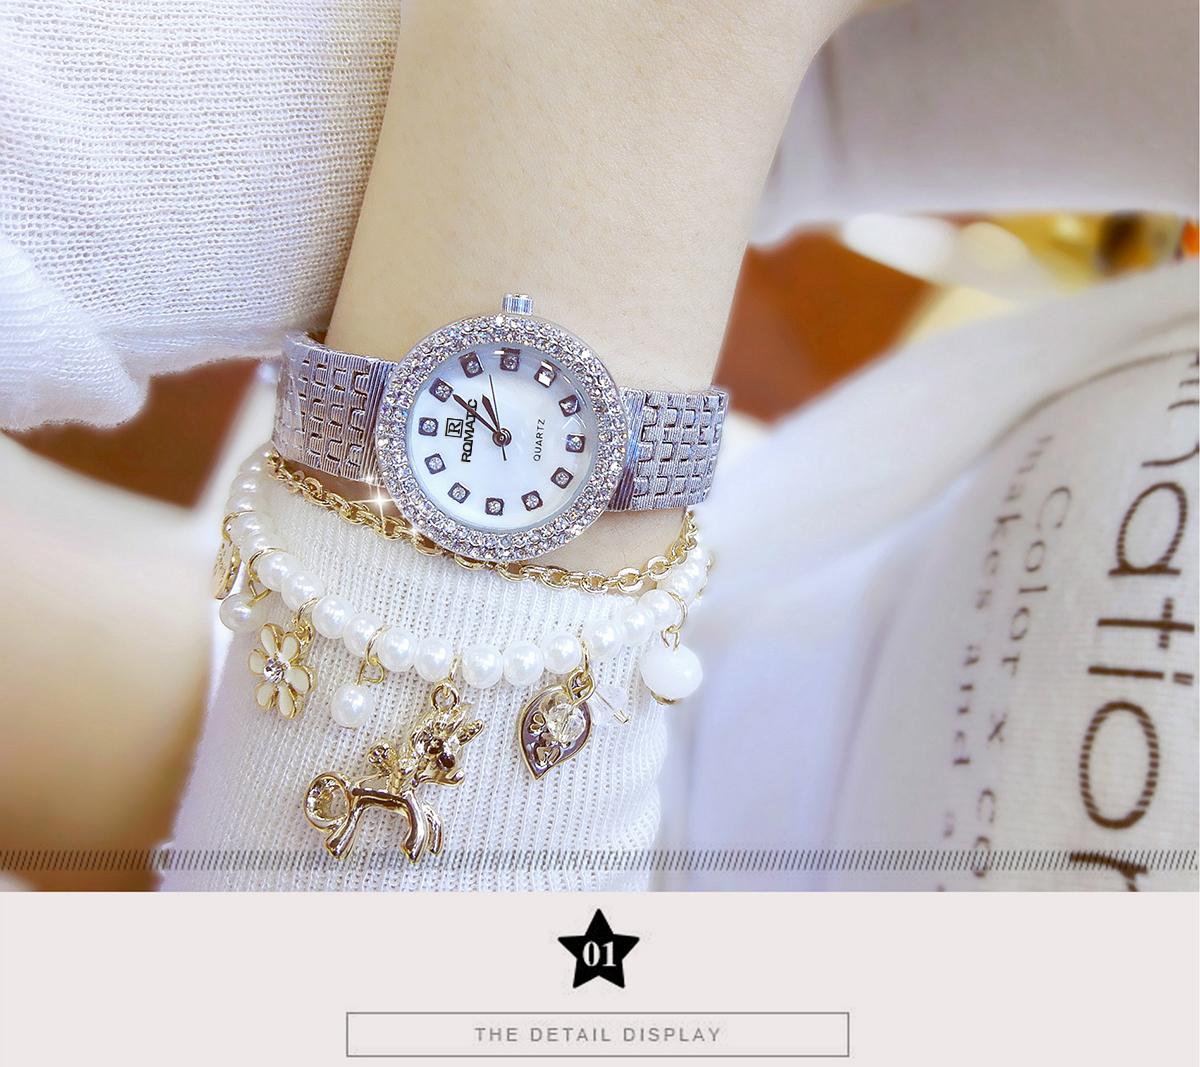 Đồng hồ nữ ROMATIC Mặt Xà Cừ Nhỏ Xinh Sang Trọng - Máy Nhật cao cấp - Tặng Kèm Pin ĐH Dự Phòng 8